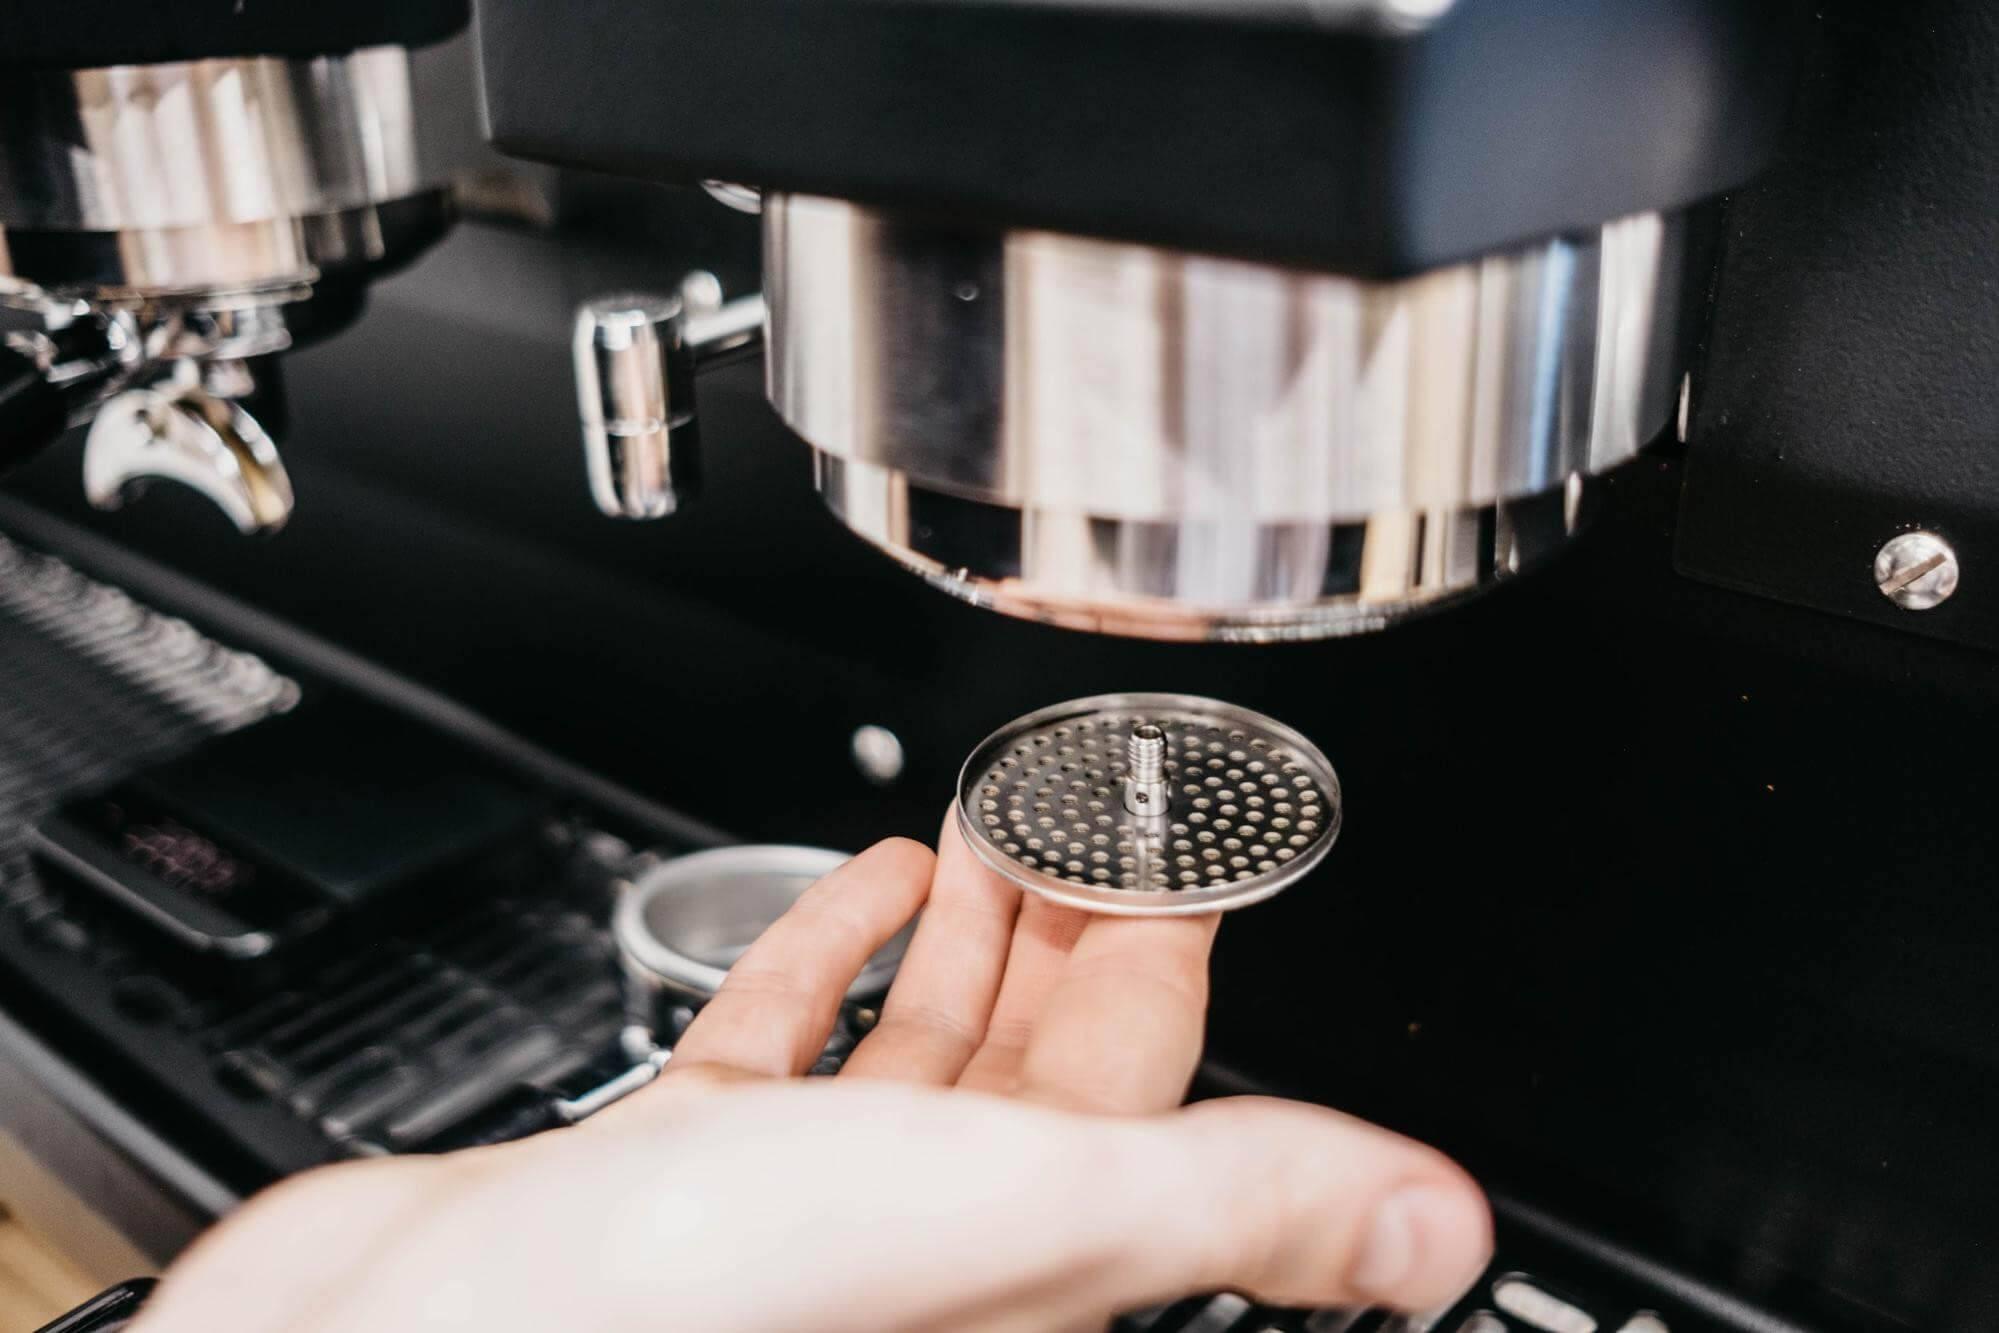 Как почистить кофемашину от накипи и кофейных масел